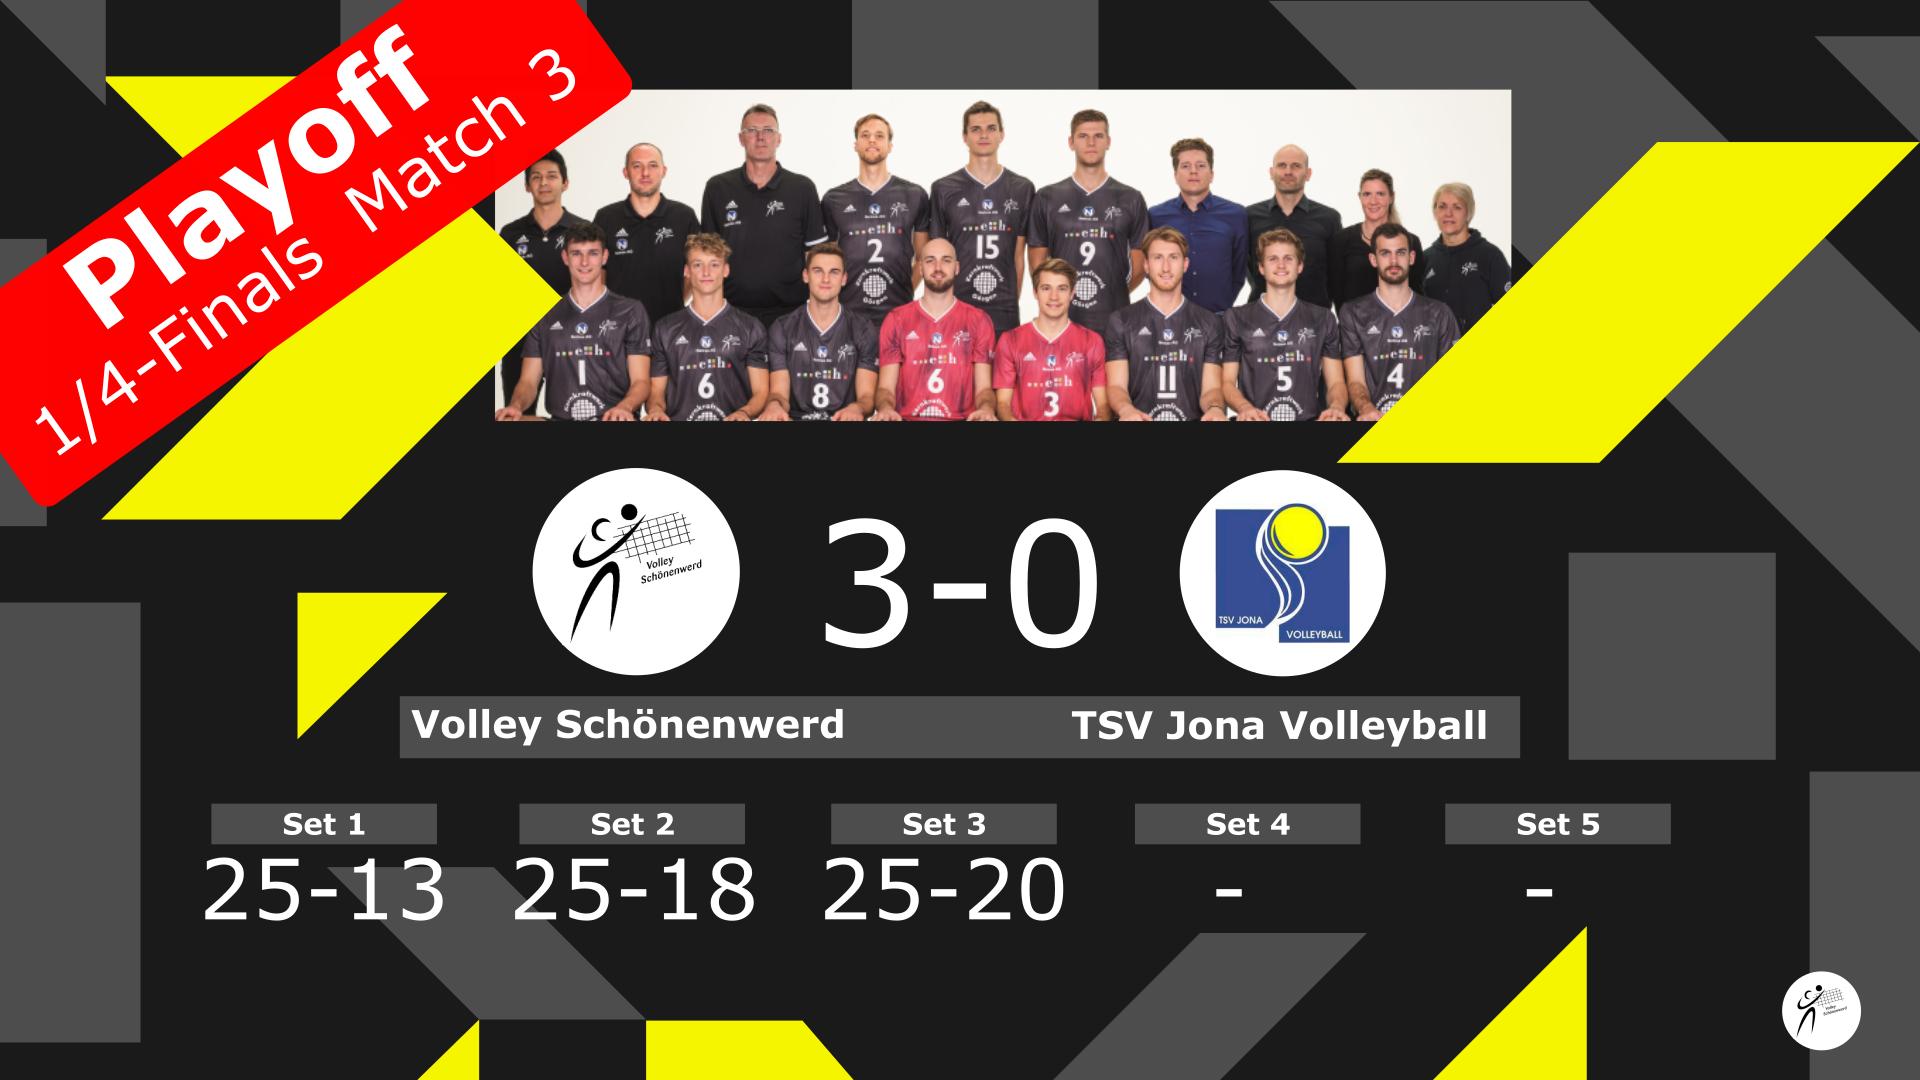 Playoff 1/4-Final, Spiel 3: Volley Schönenwerd – TSV Jona Volleyball